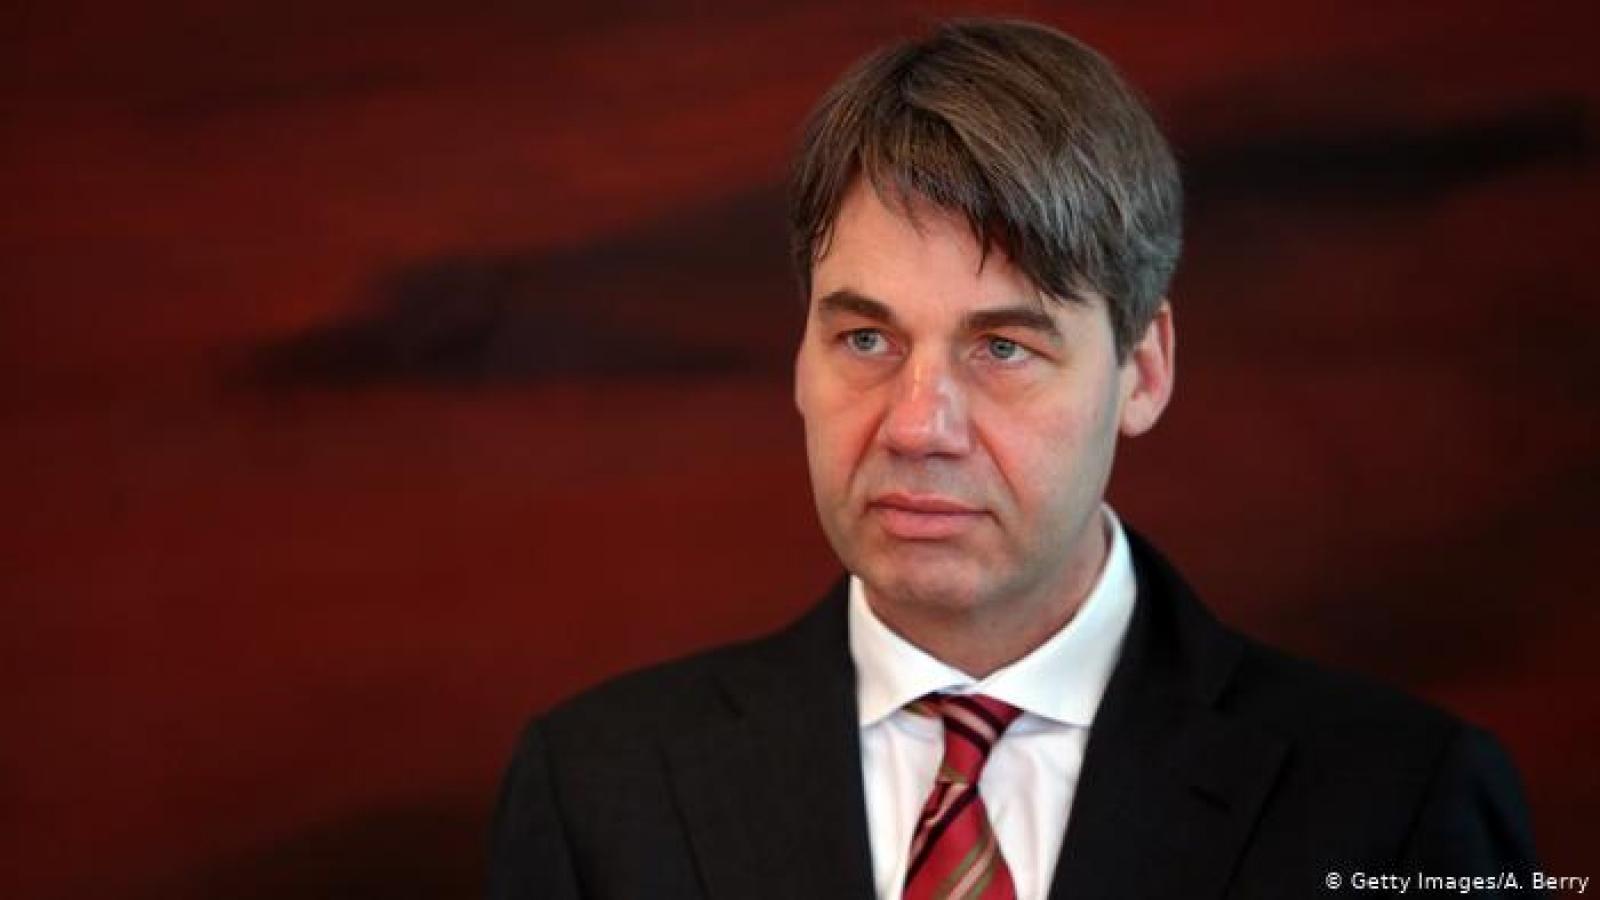 Tân Đại sứ Đức tại Trung Quốc đột ngột qua đời ở tuổi 54